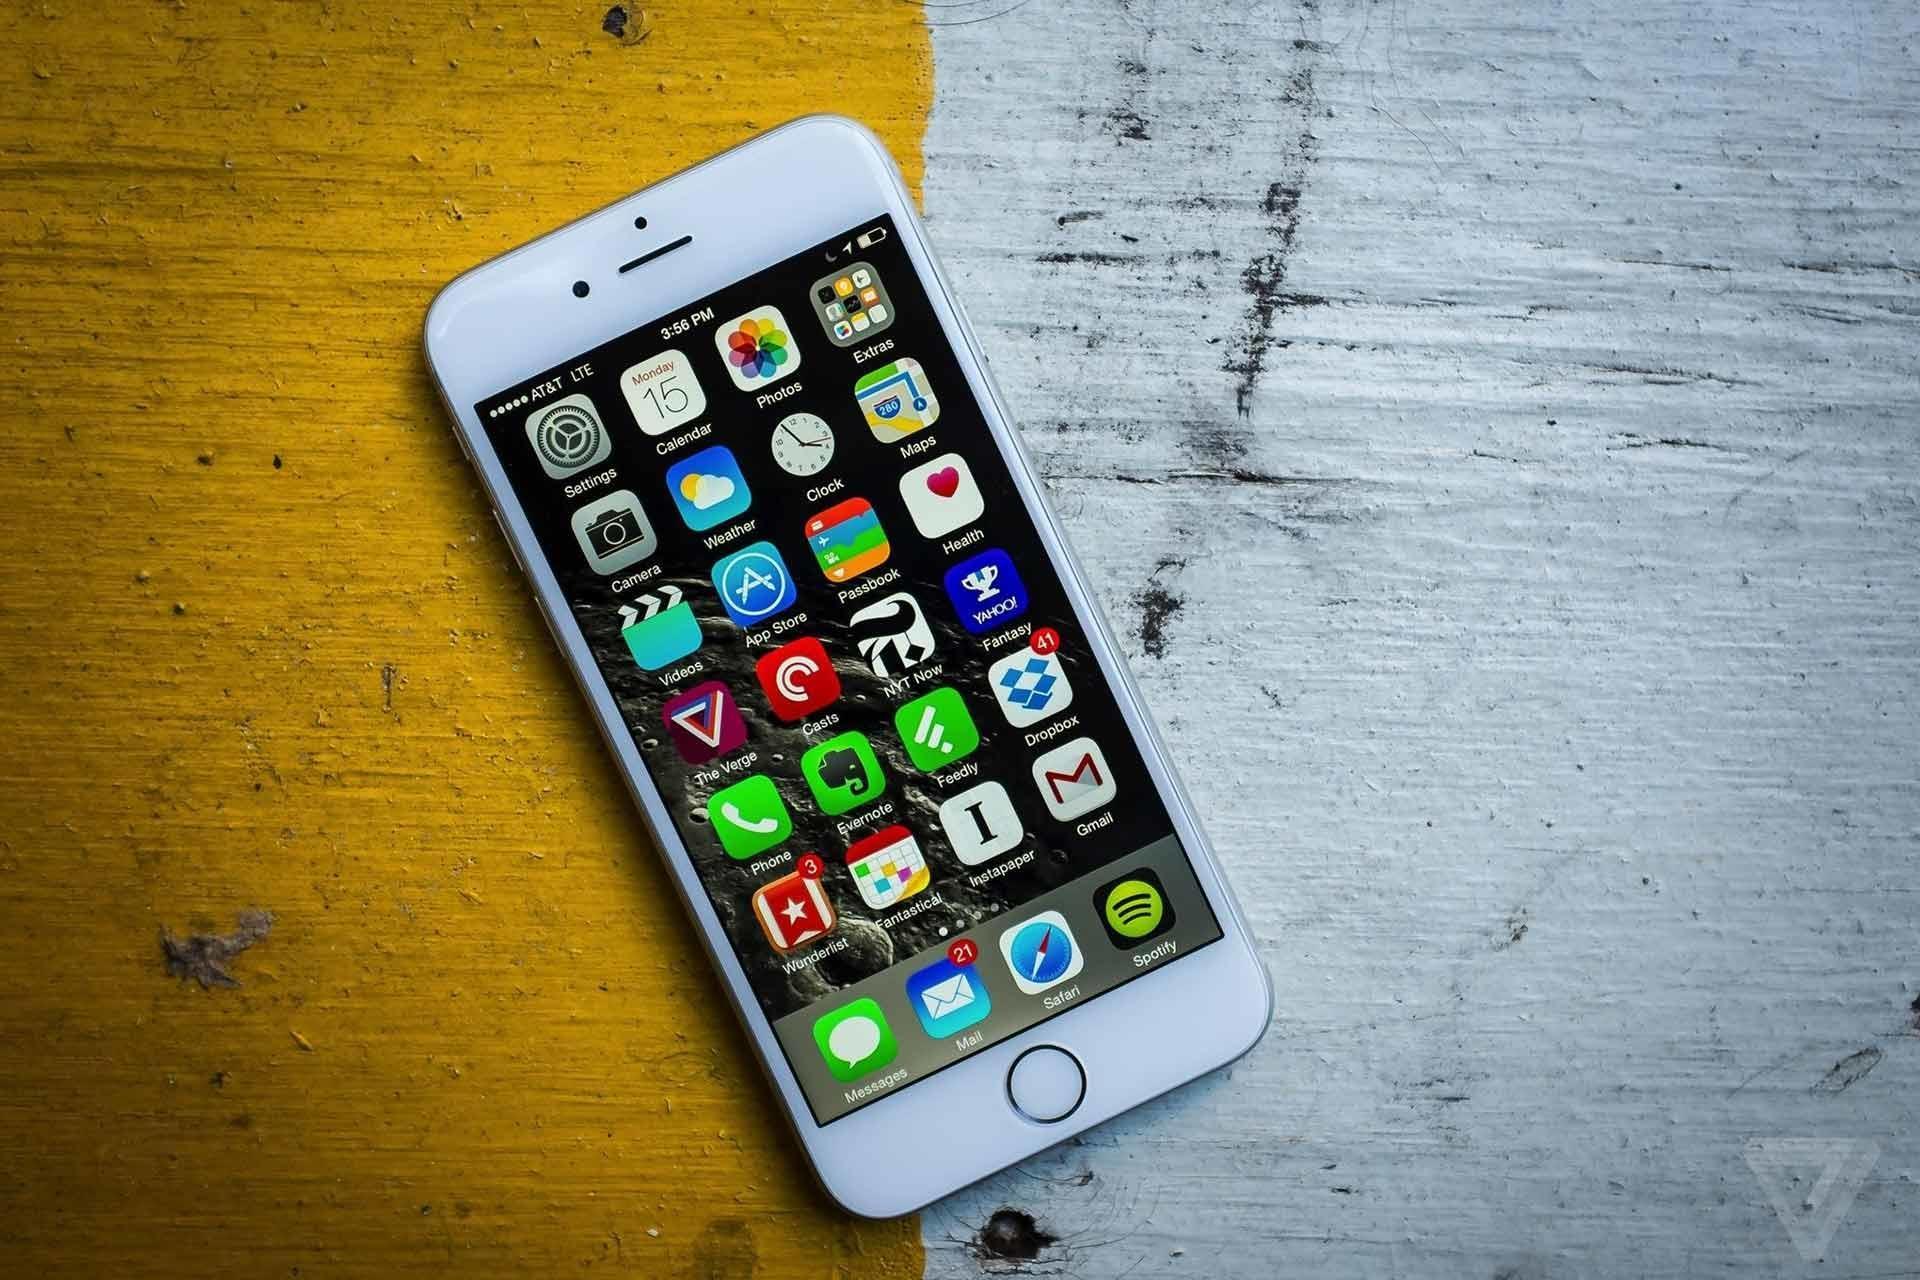 Что станет с iPhone 6S и iPhone 6S Plus, если их опустить в воду?